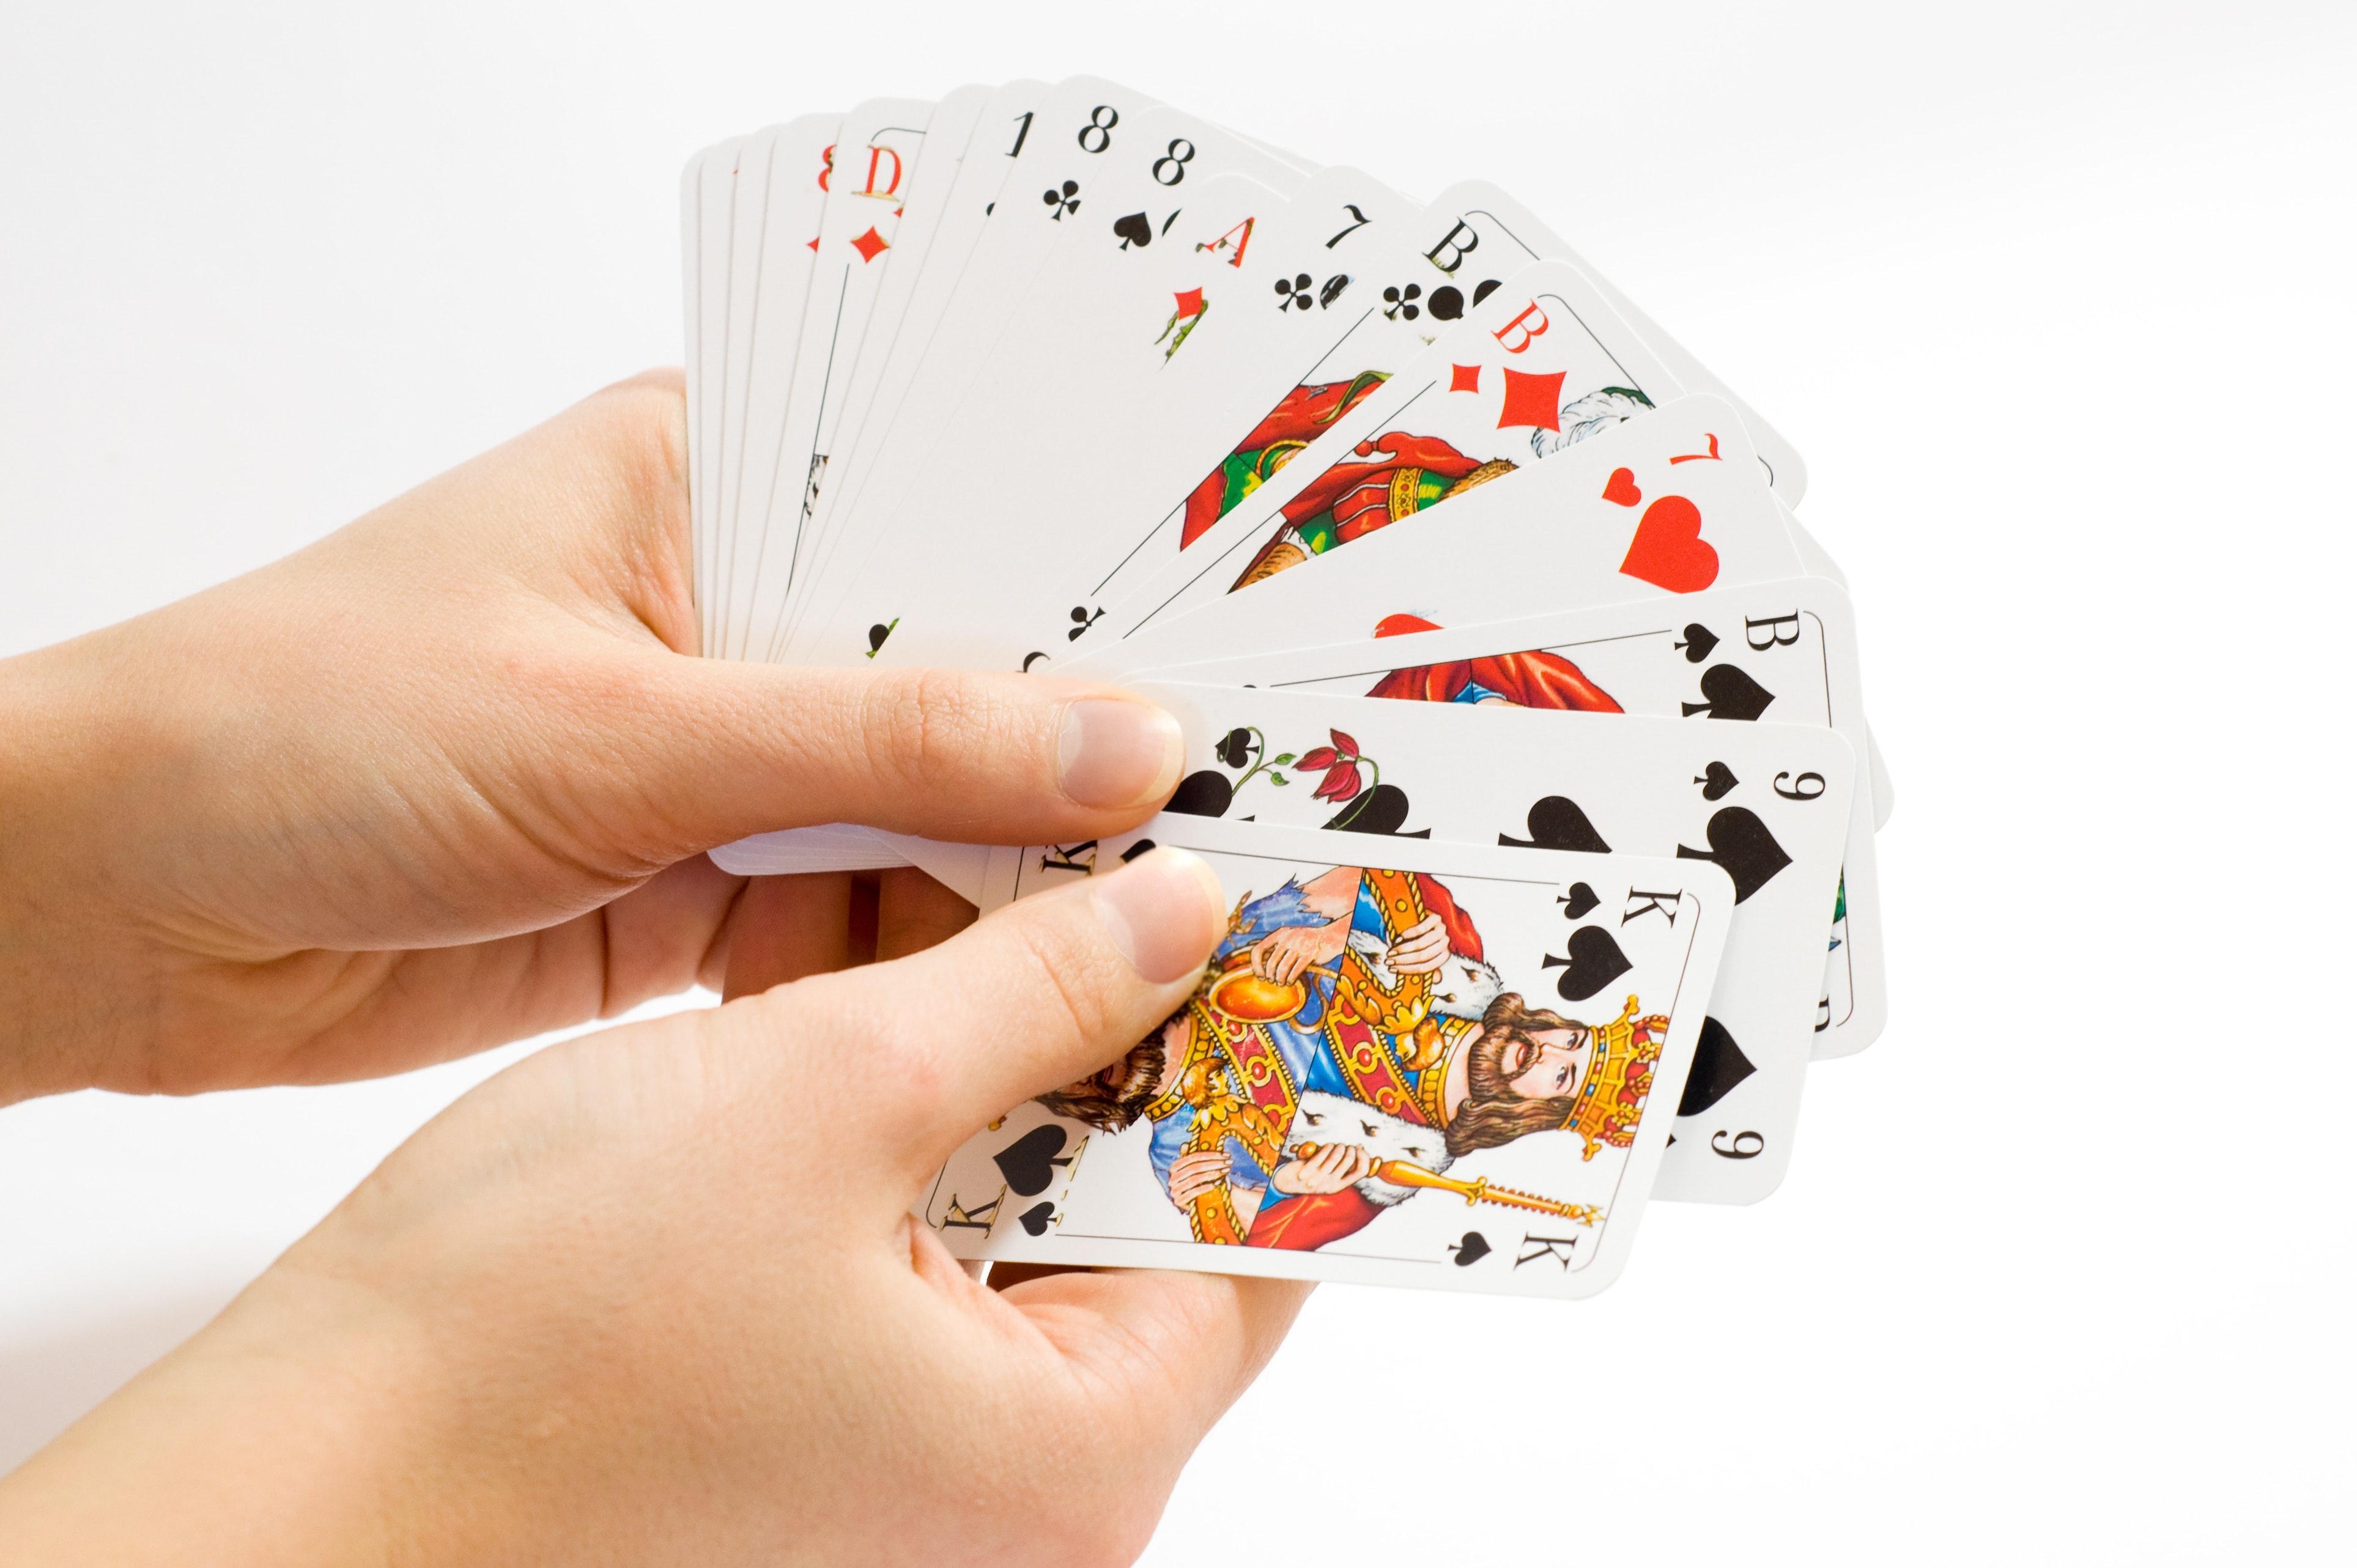 card-game-cards-gambling-102107